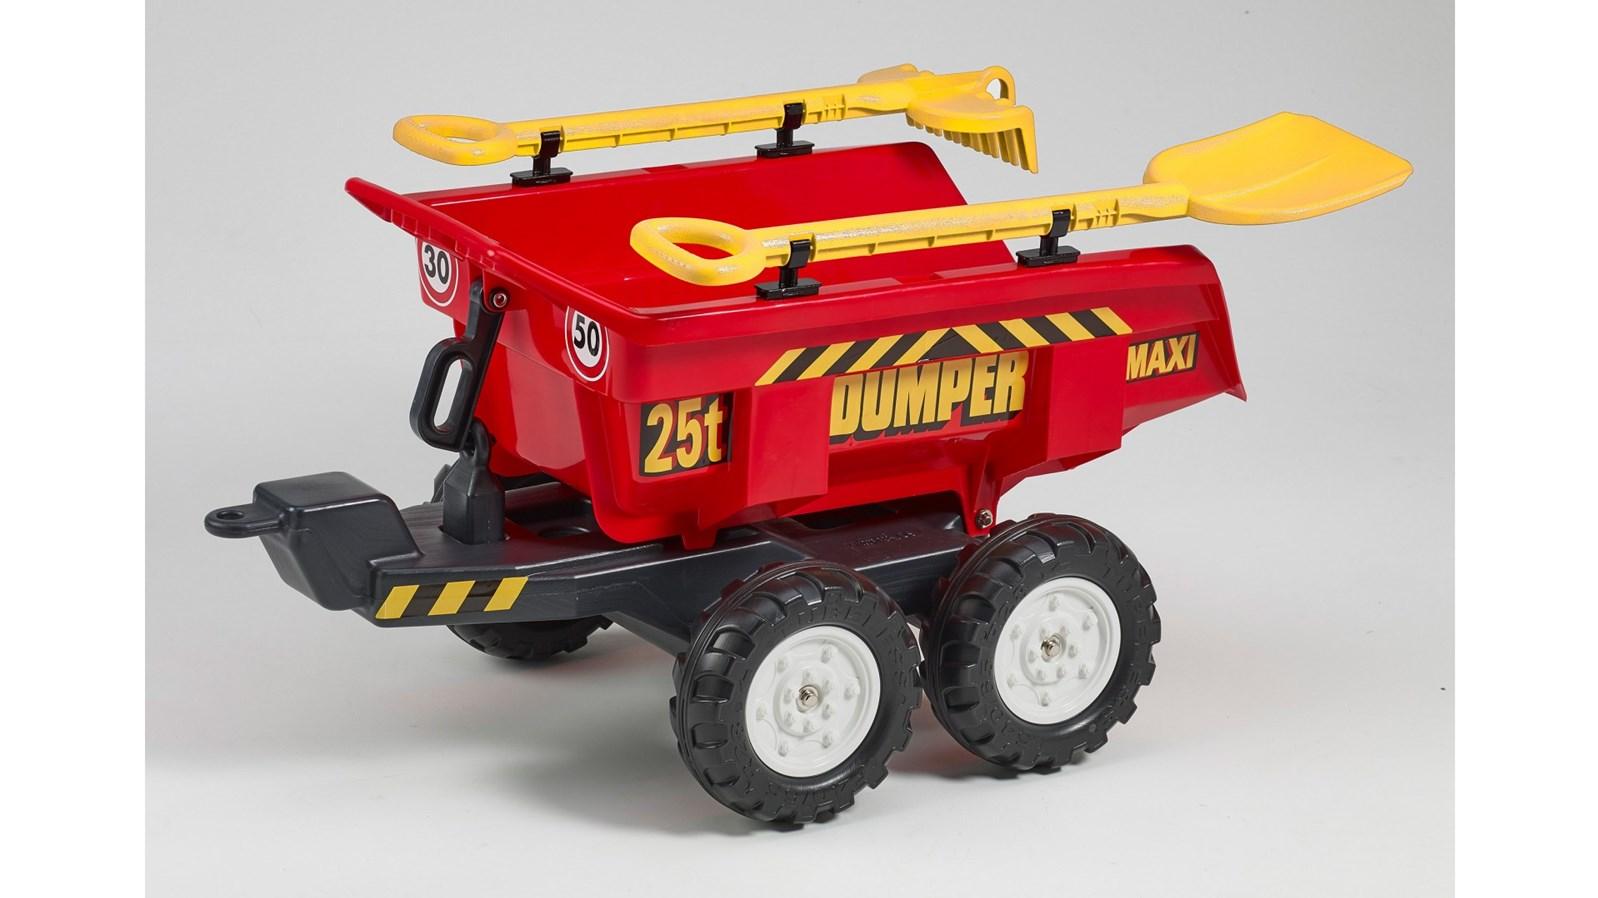 Vlek za traktor veliký, výklopný, dvounápravový s nářadím , délka 87cm